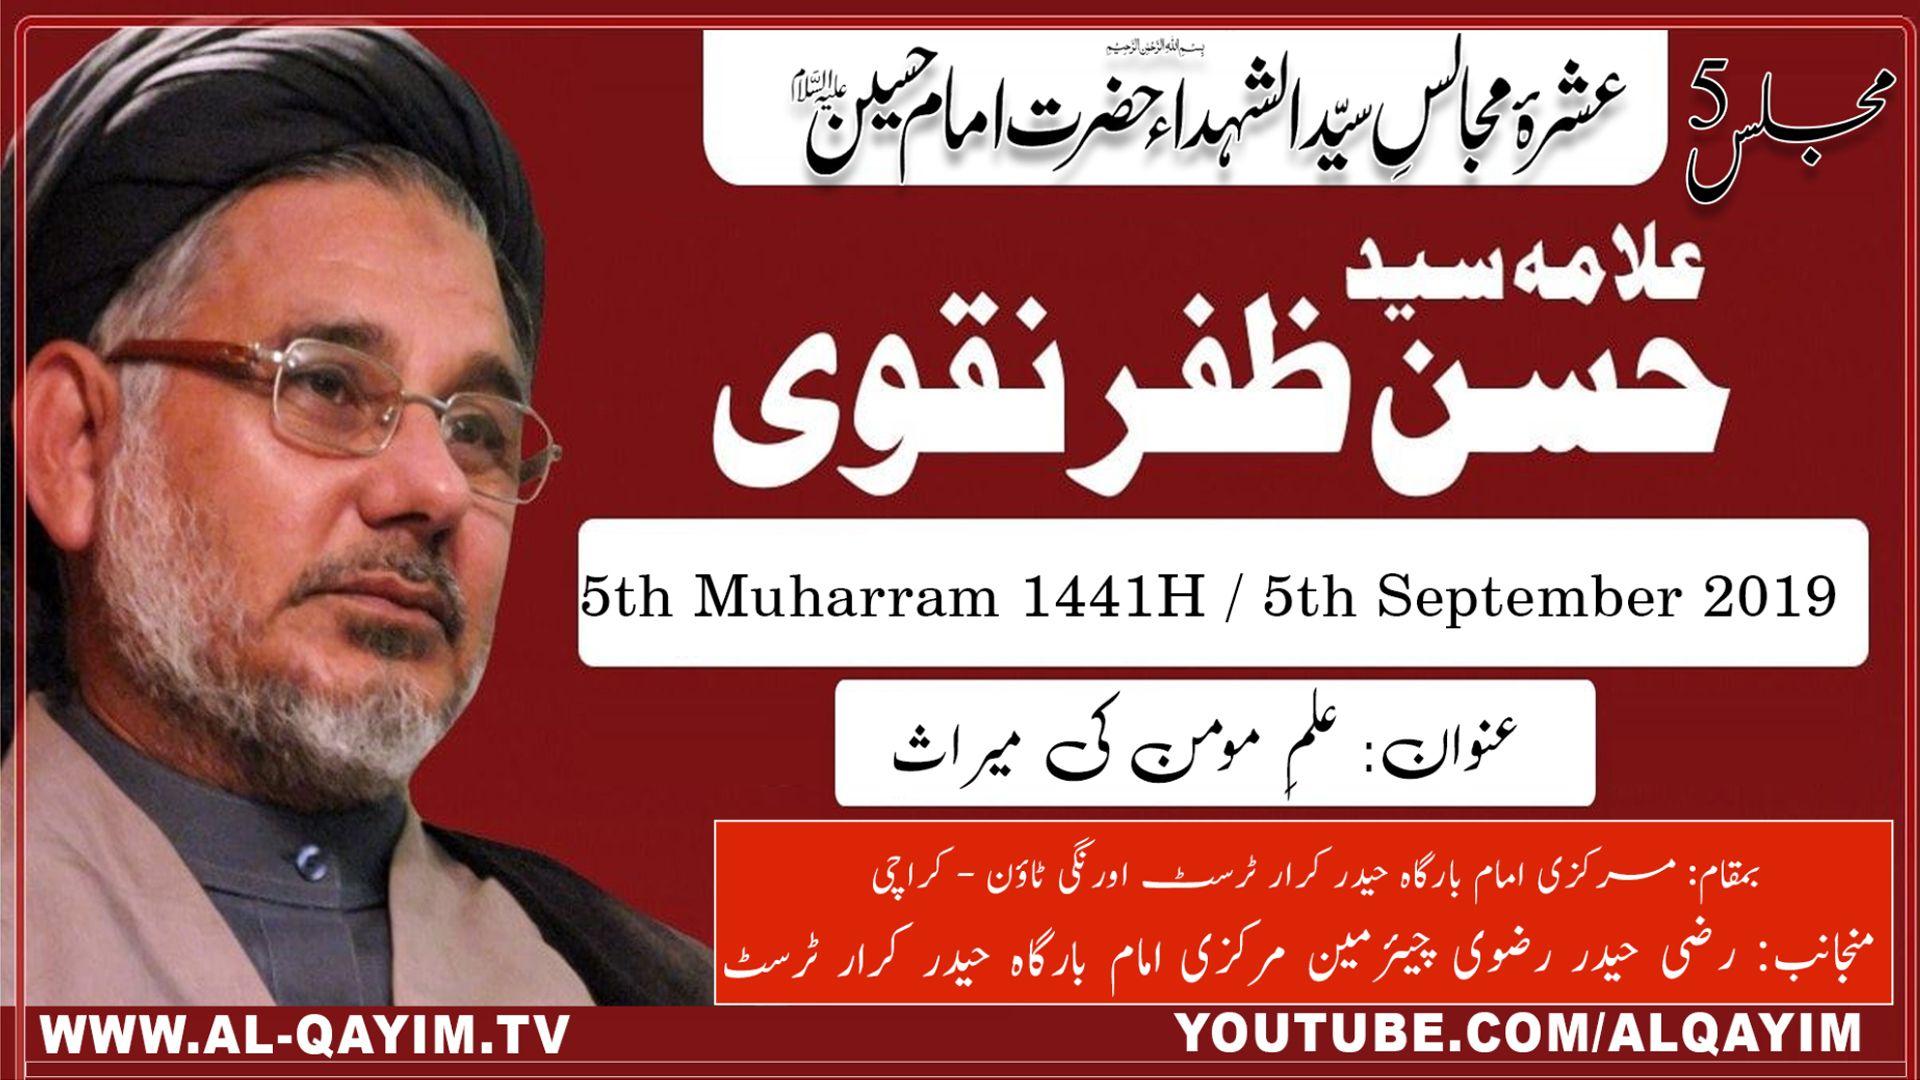 5th Muharram Majlis - 2019 - Moulana Hasan Zafar Naqvi - Imam Bargah Haider-e-Karar Orangi Town